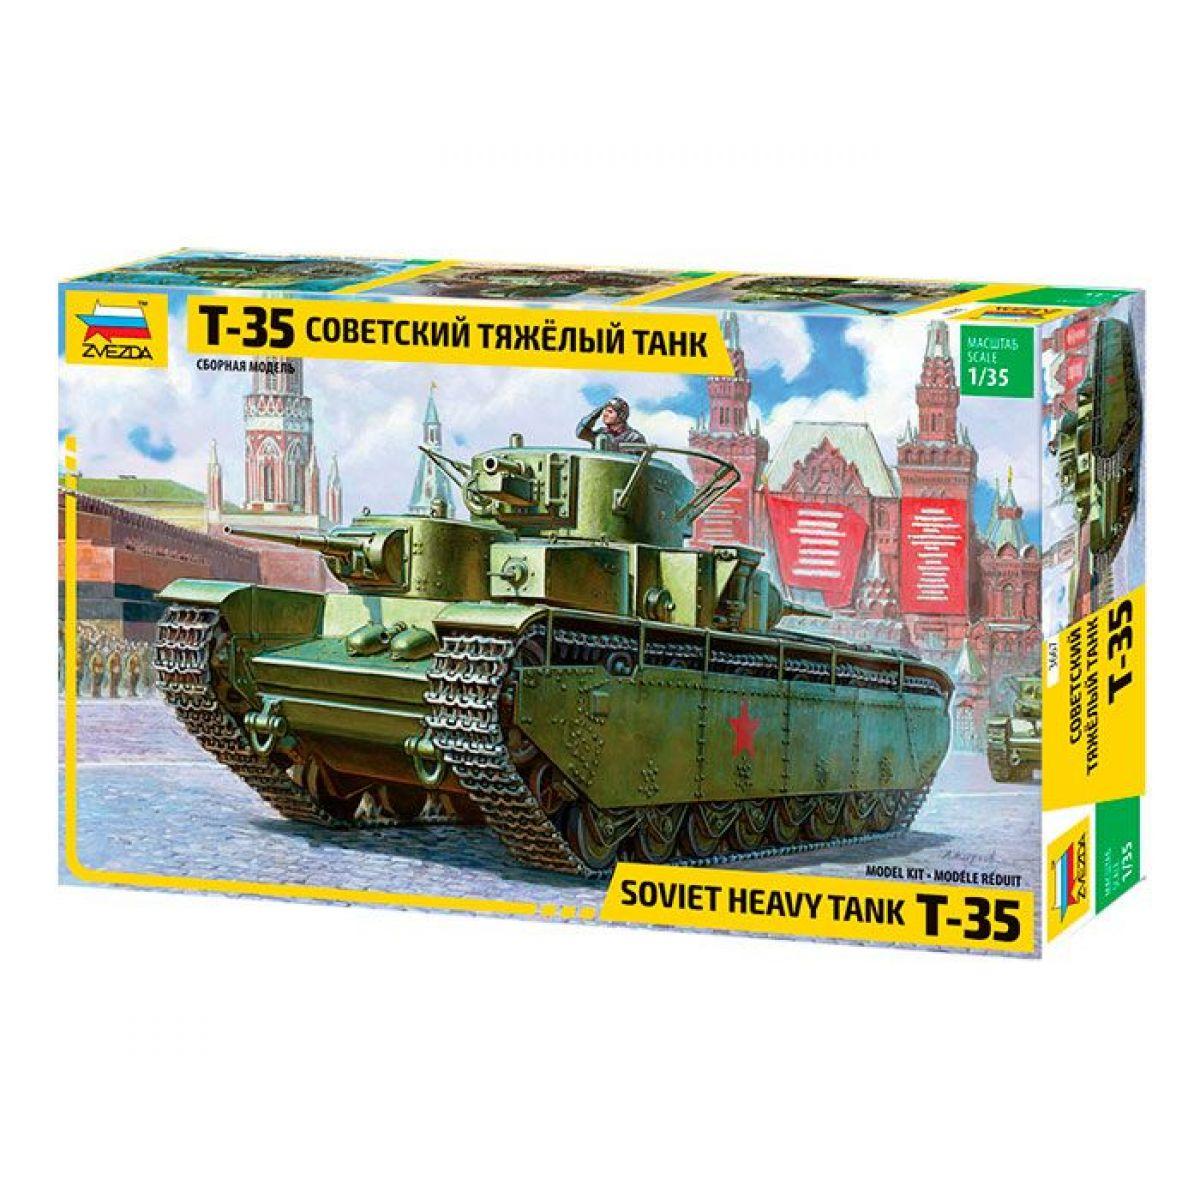 Zvezda Model Kit tank T-35 Heavy Soviet Tank 1:35